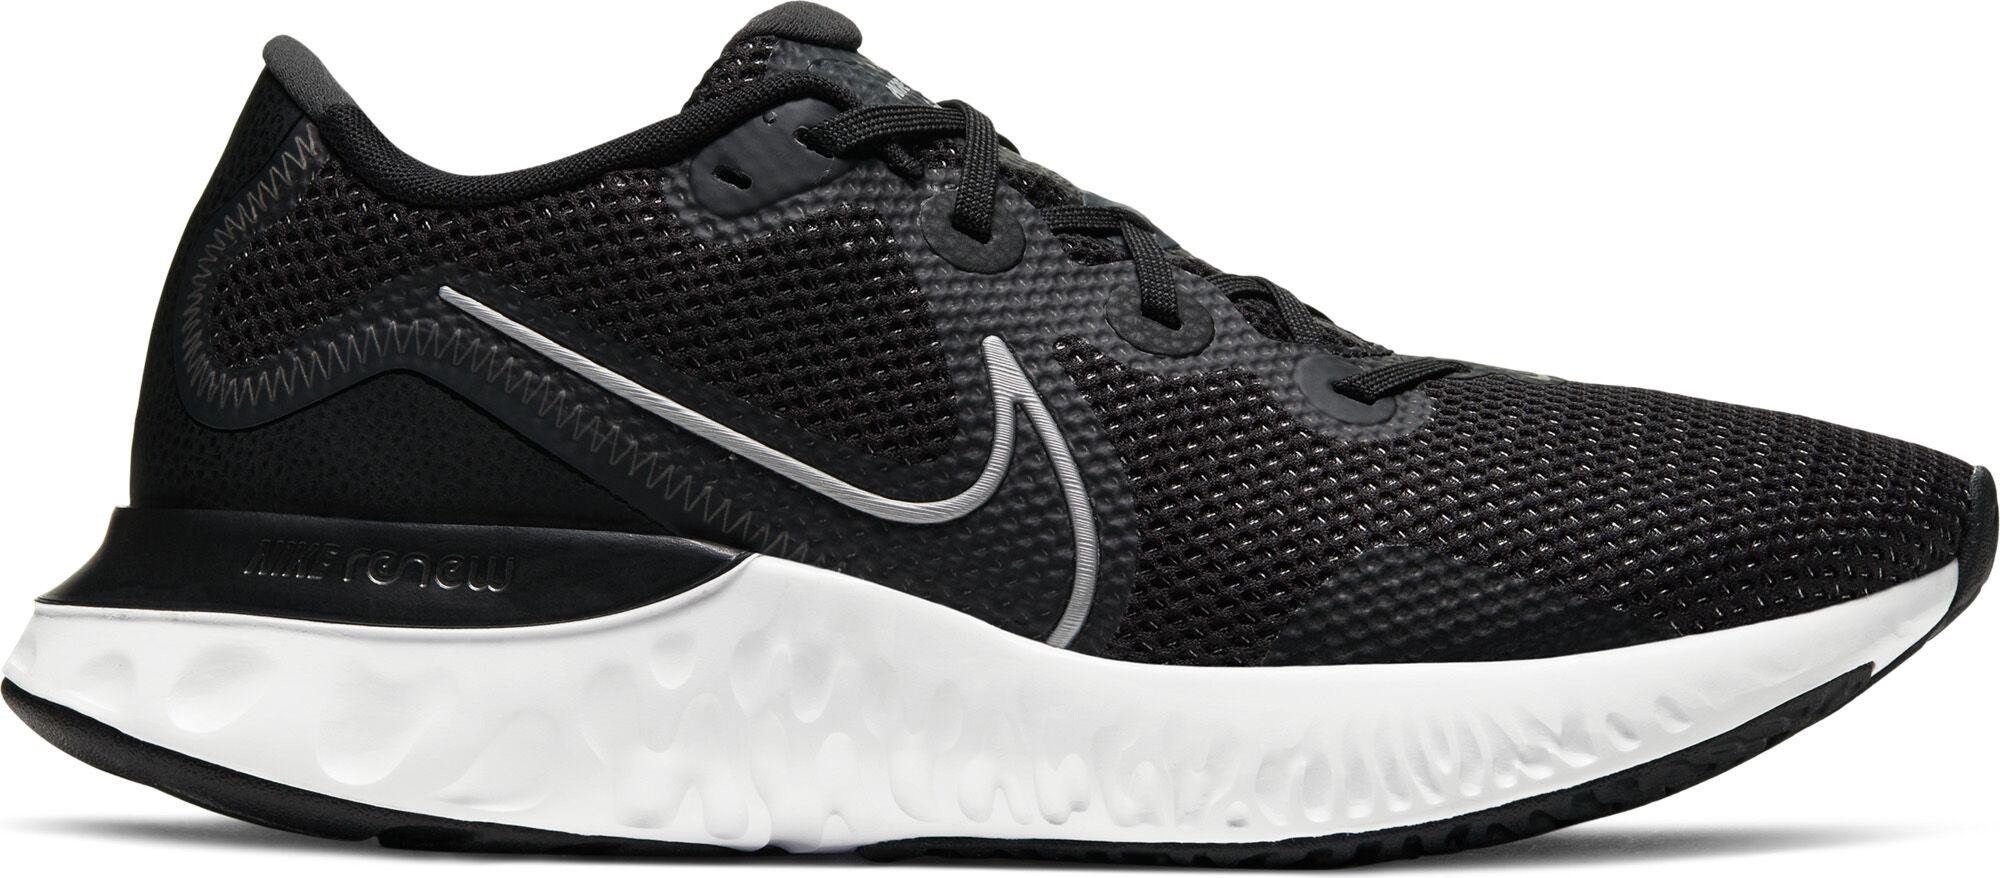 Nike · Renew Run Hardloopschoenen Heren